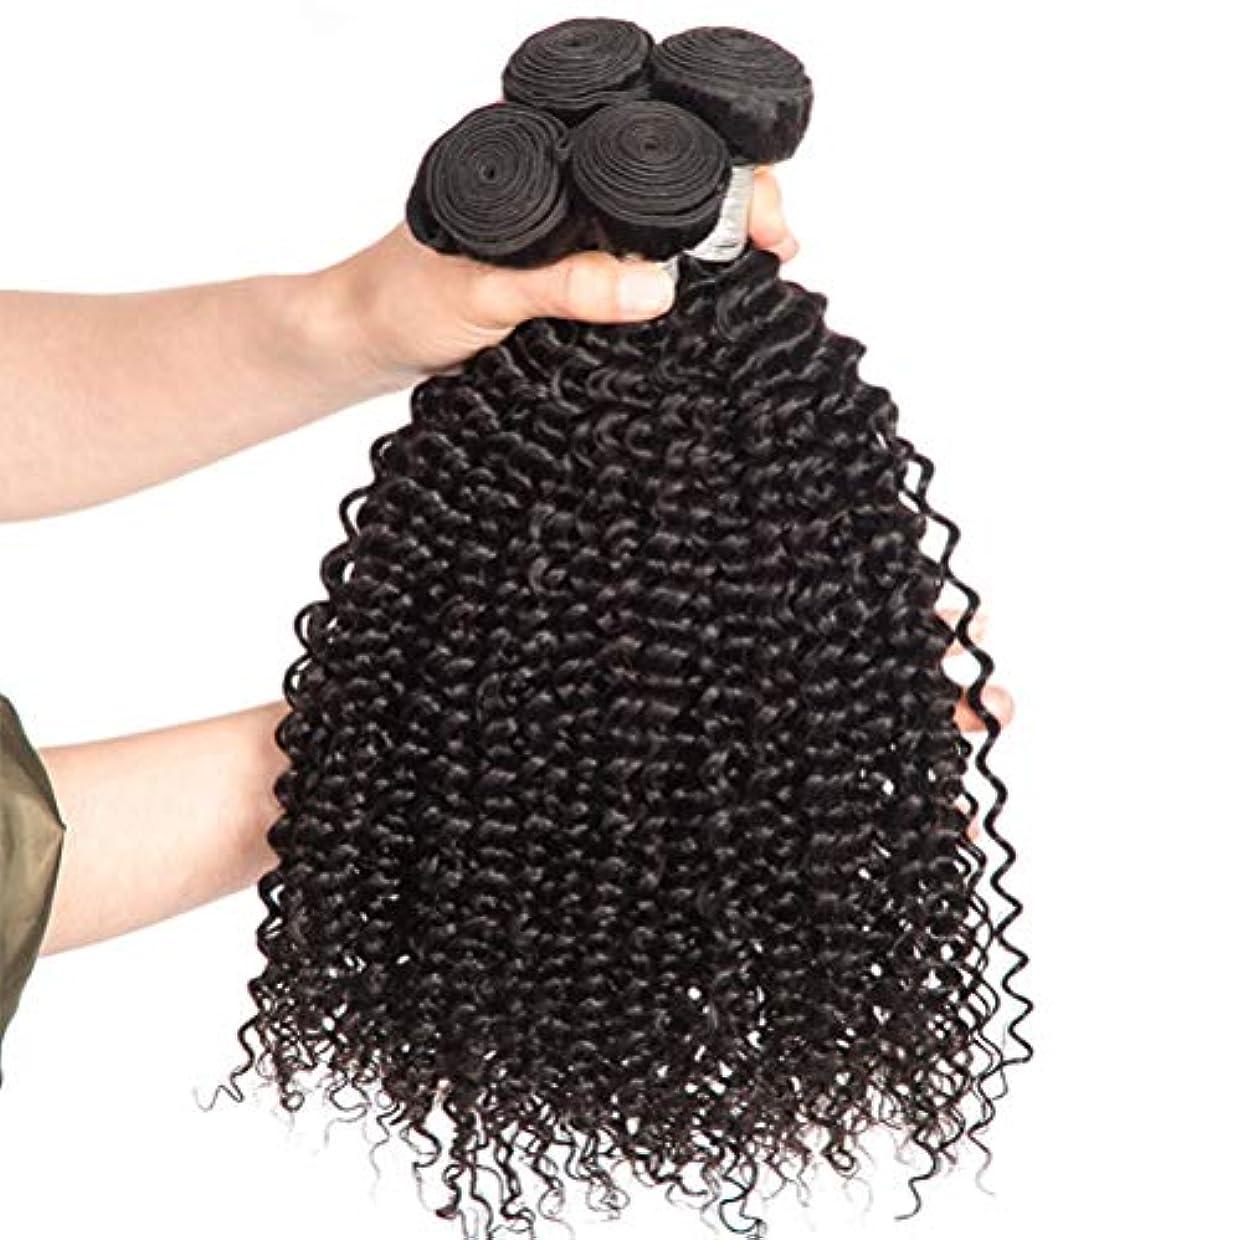 カスタム対称後悔女性150%密度ブラジルの変態カーリーヘアバンドルブラジルの髪1バンドルブラジル人毛バンドルカーリーヘア